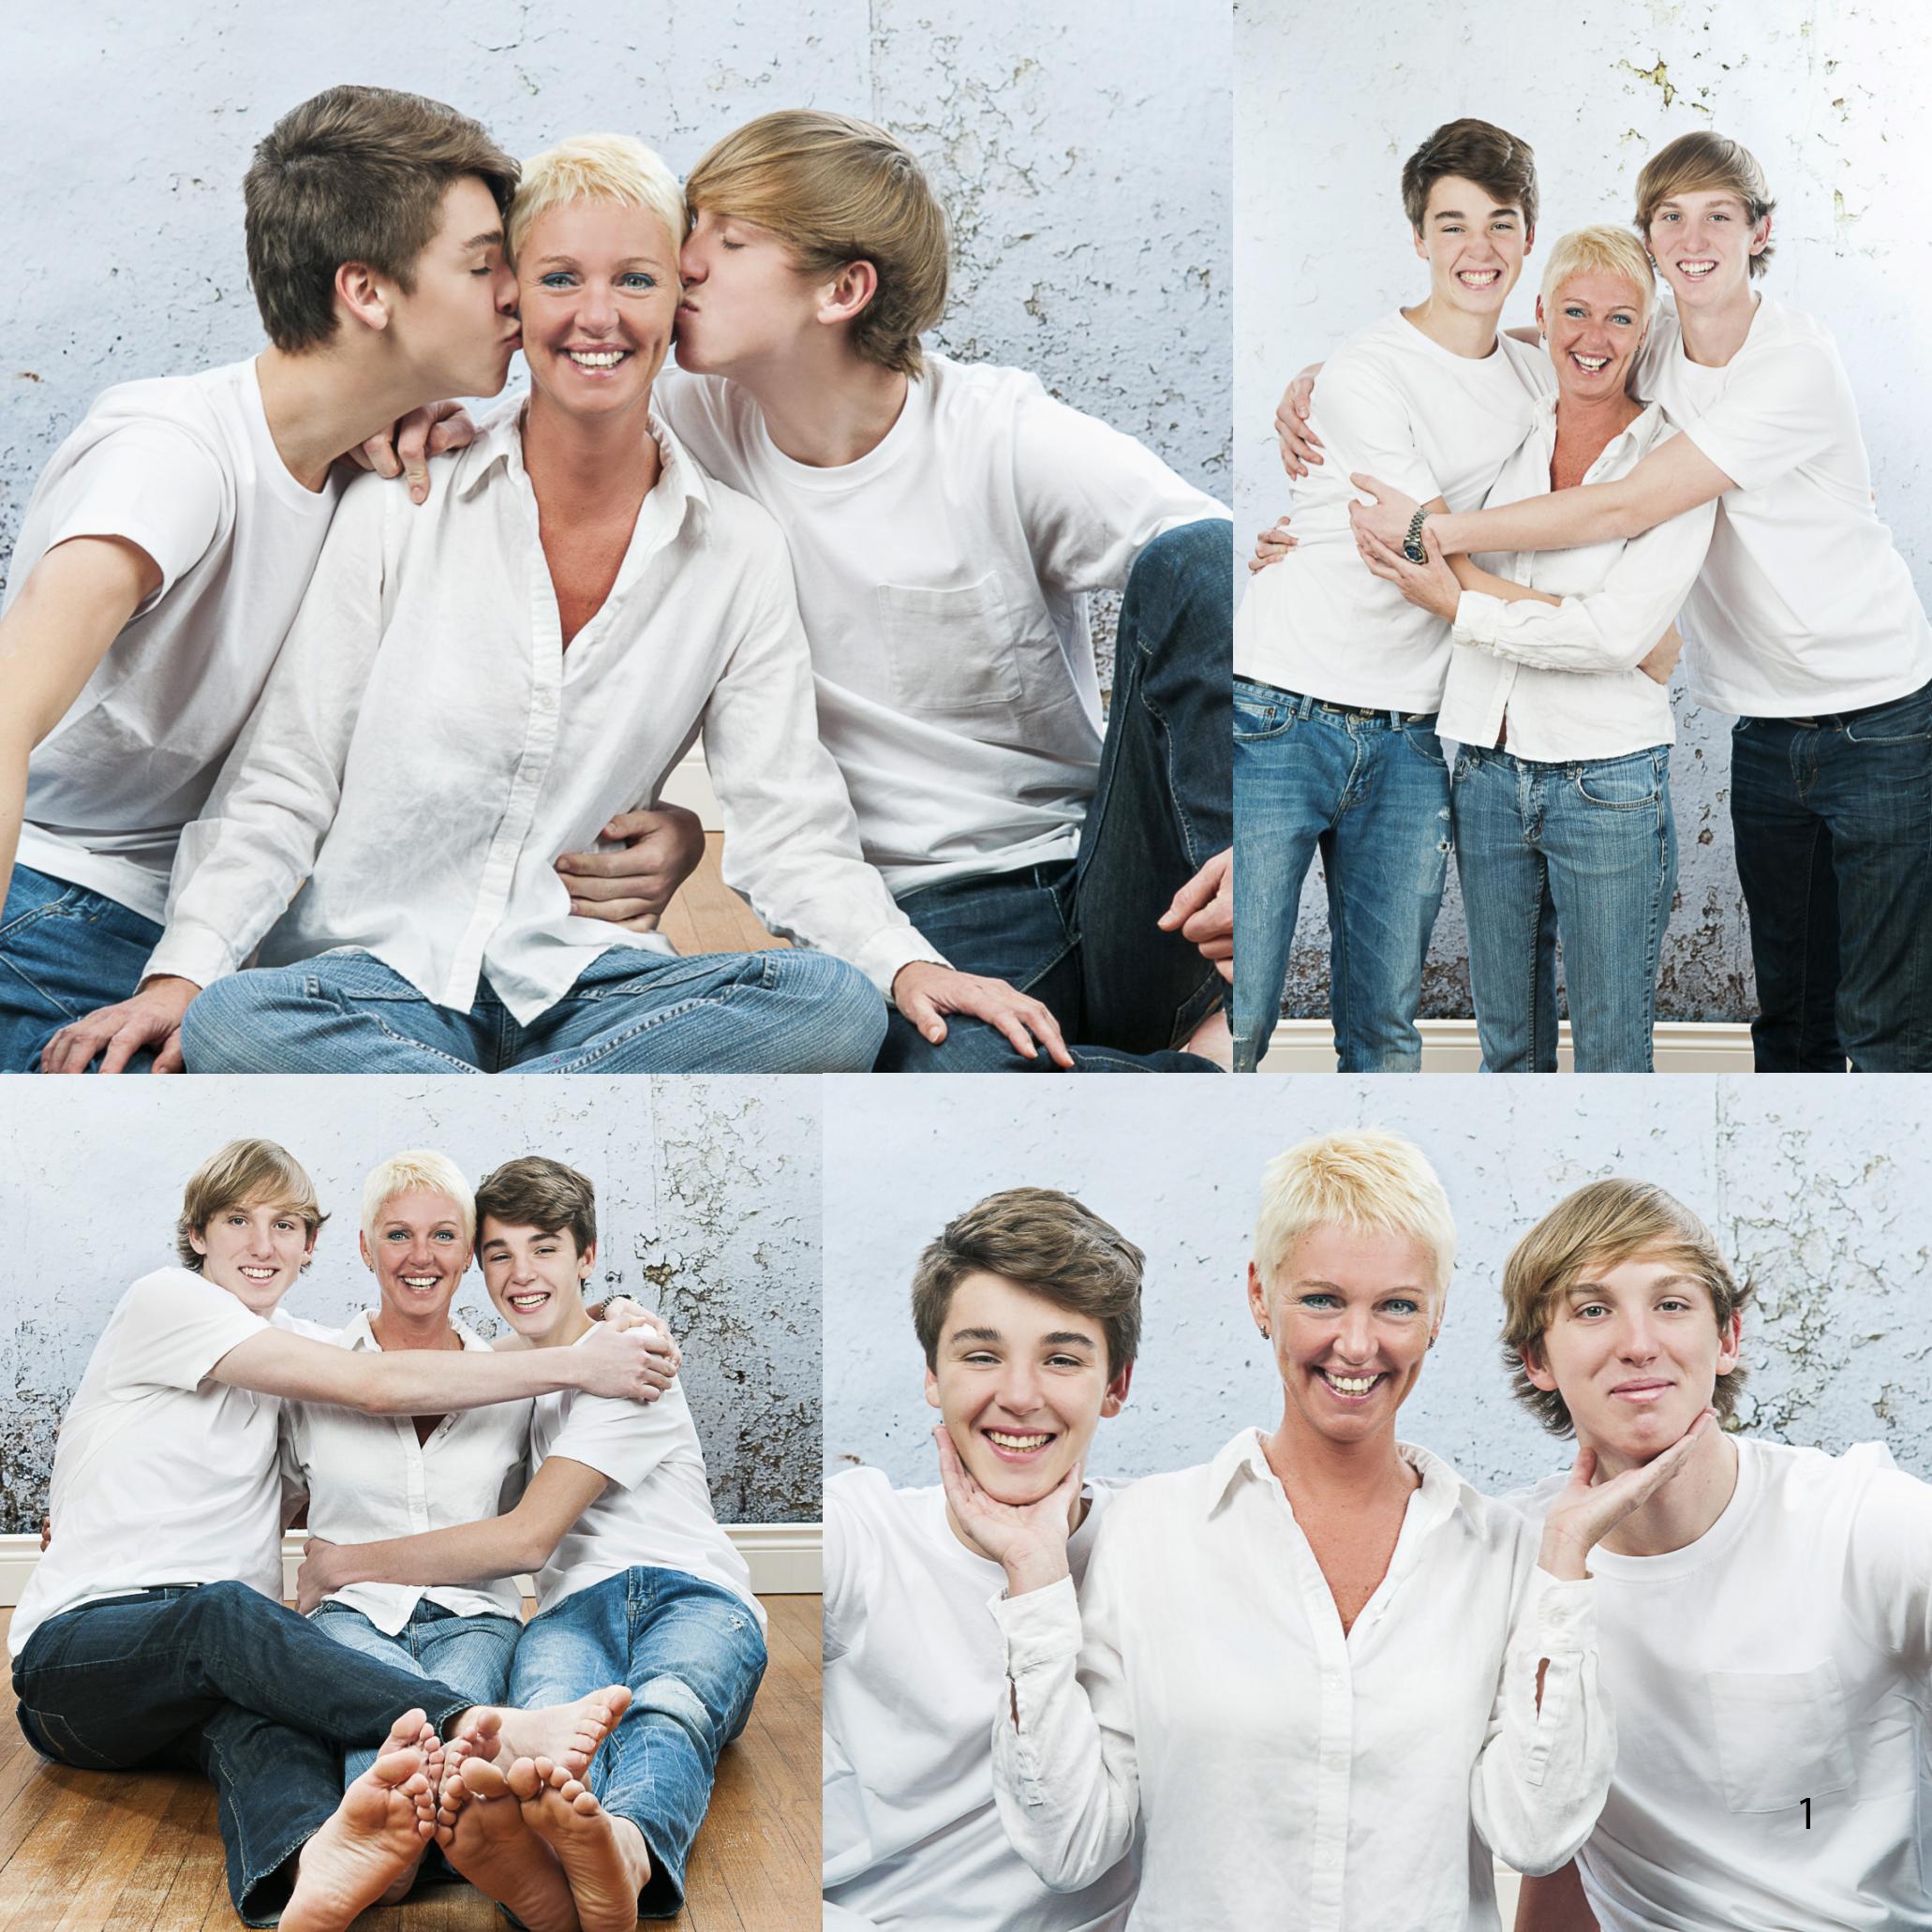 boys Page 1